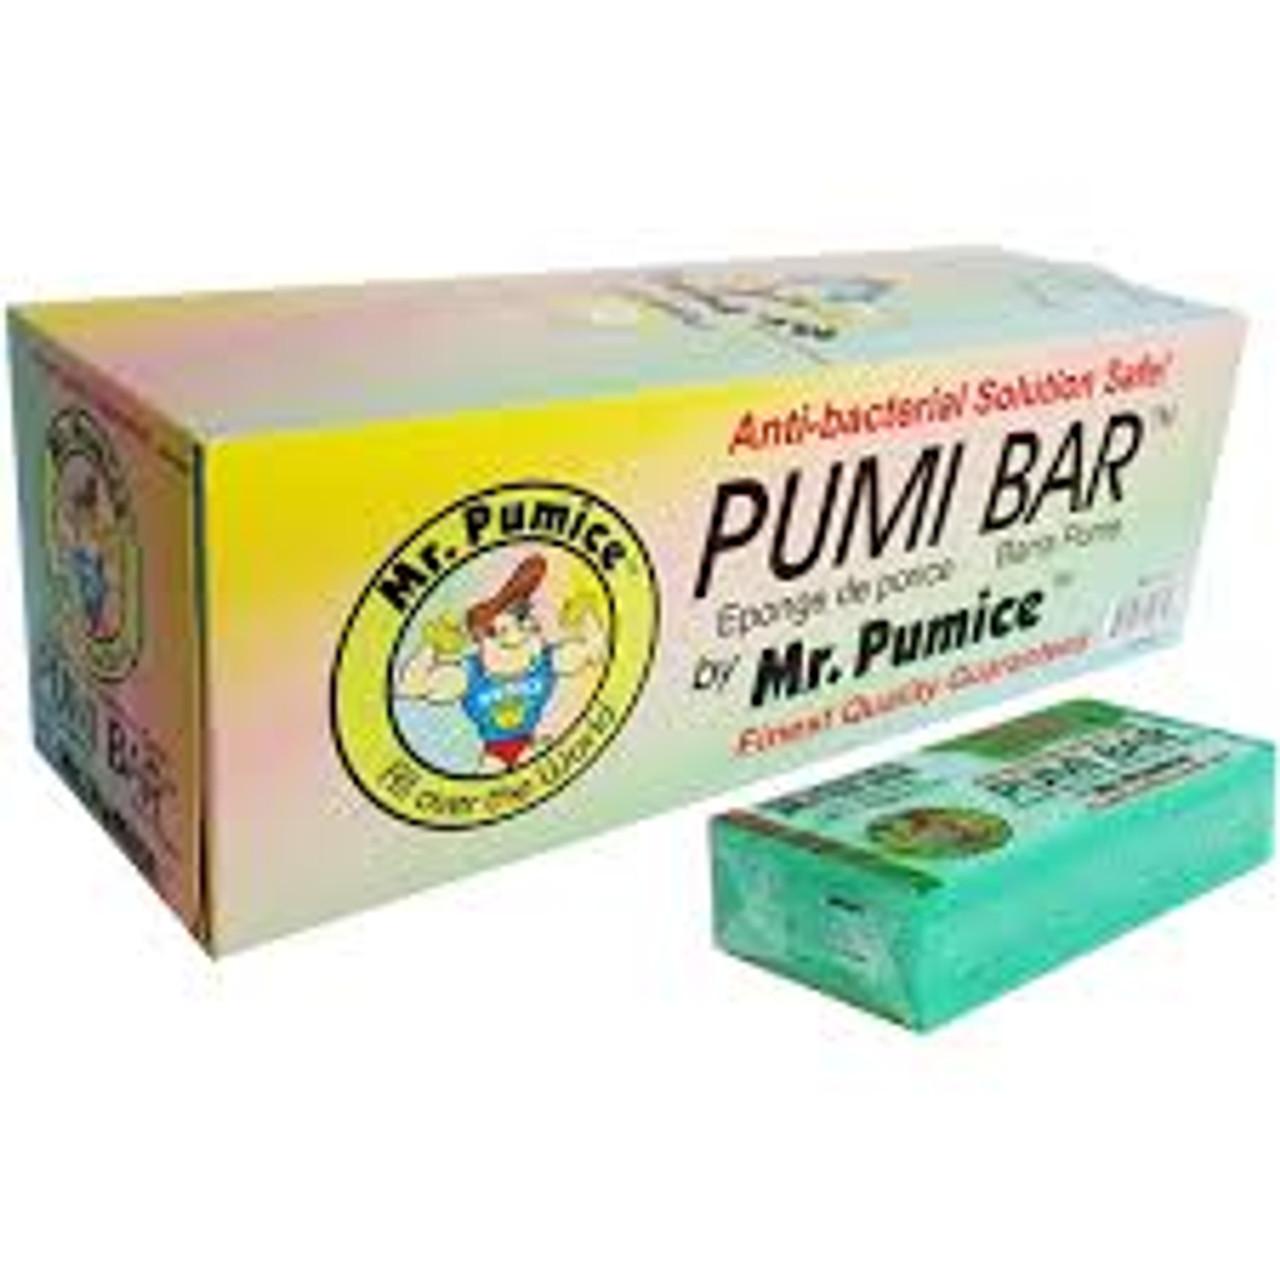 Mr Pumice Pumice Bar